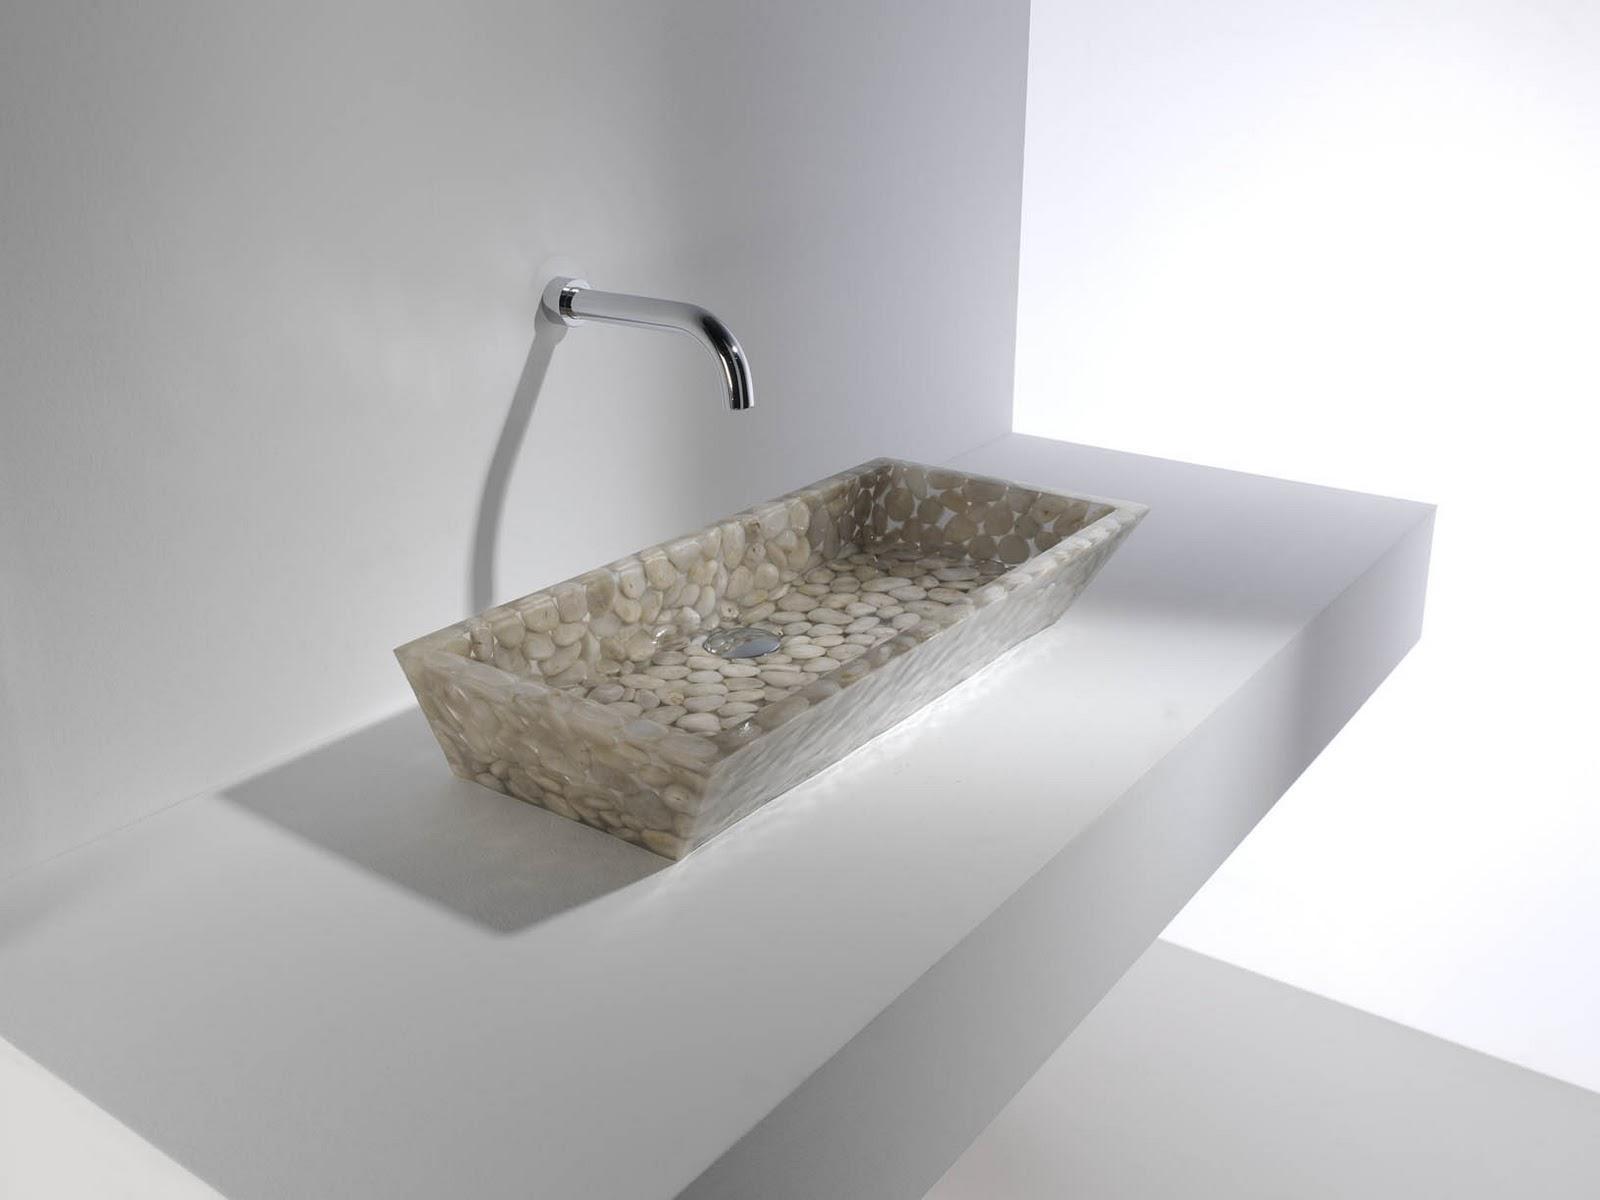 Lavabos de dise o lavabos de dise o en piedras naturales - Lavabos de diseno ...